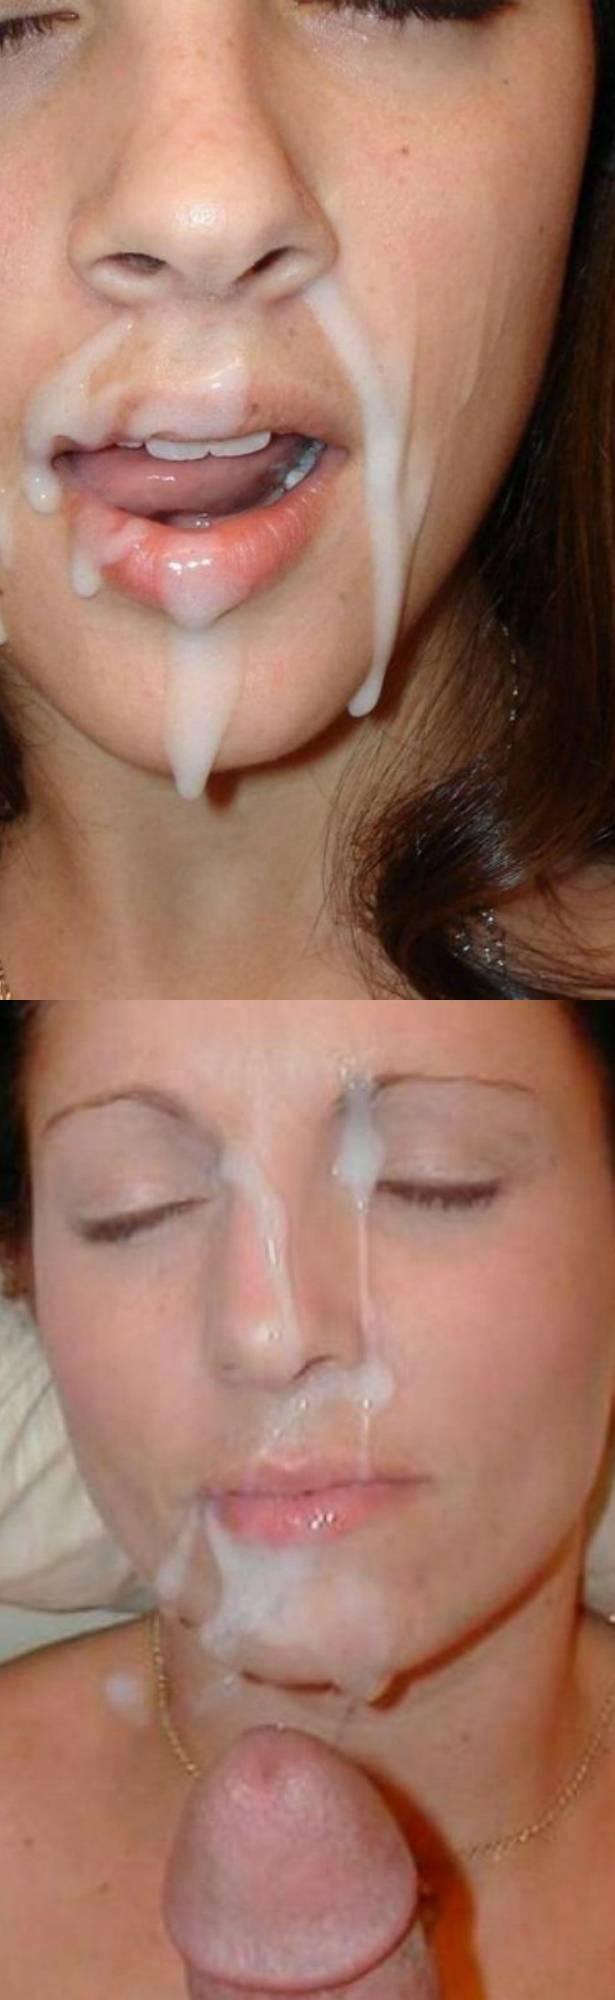 сперма в рот жене